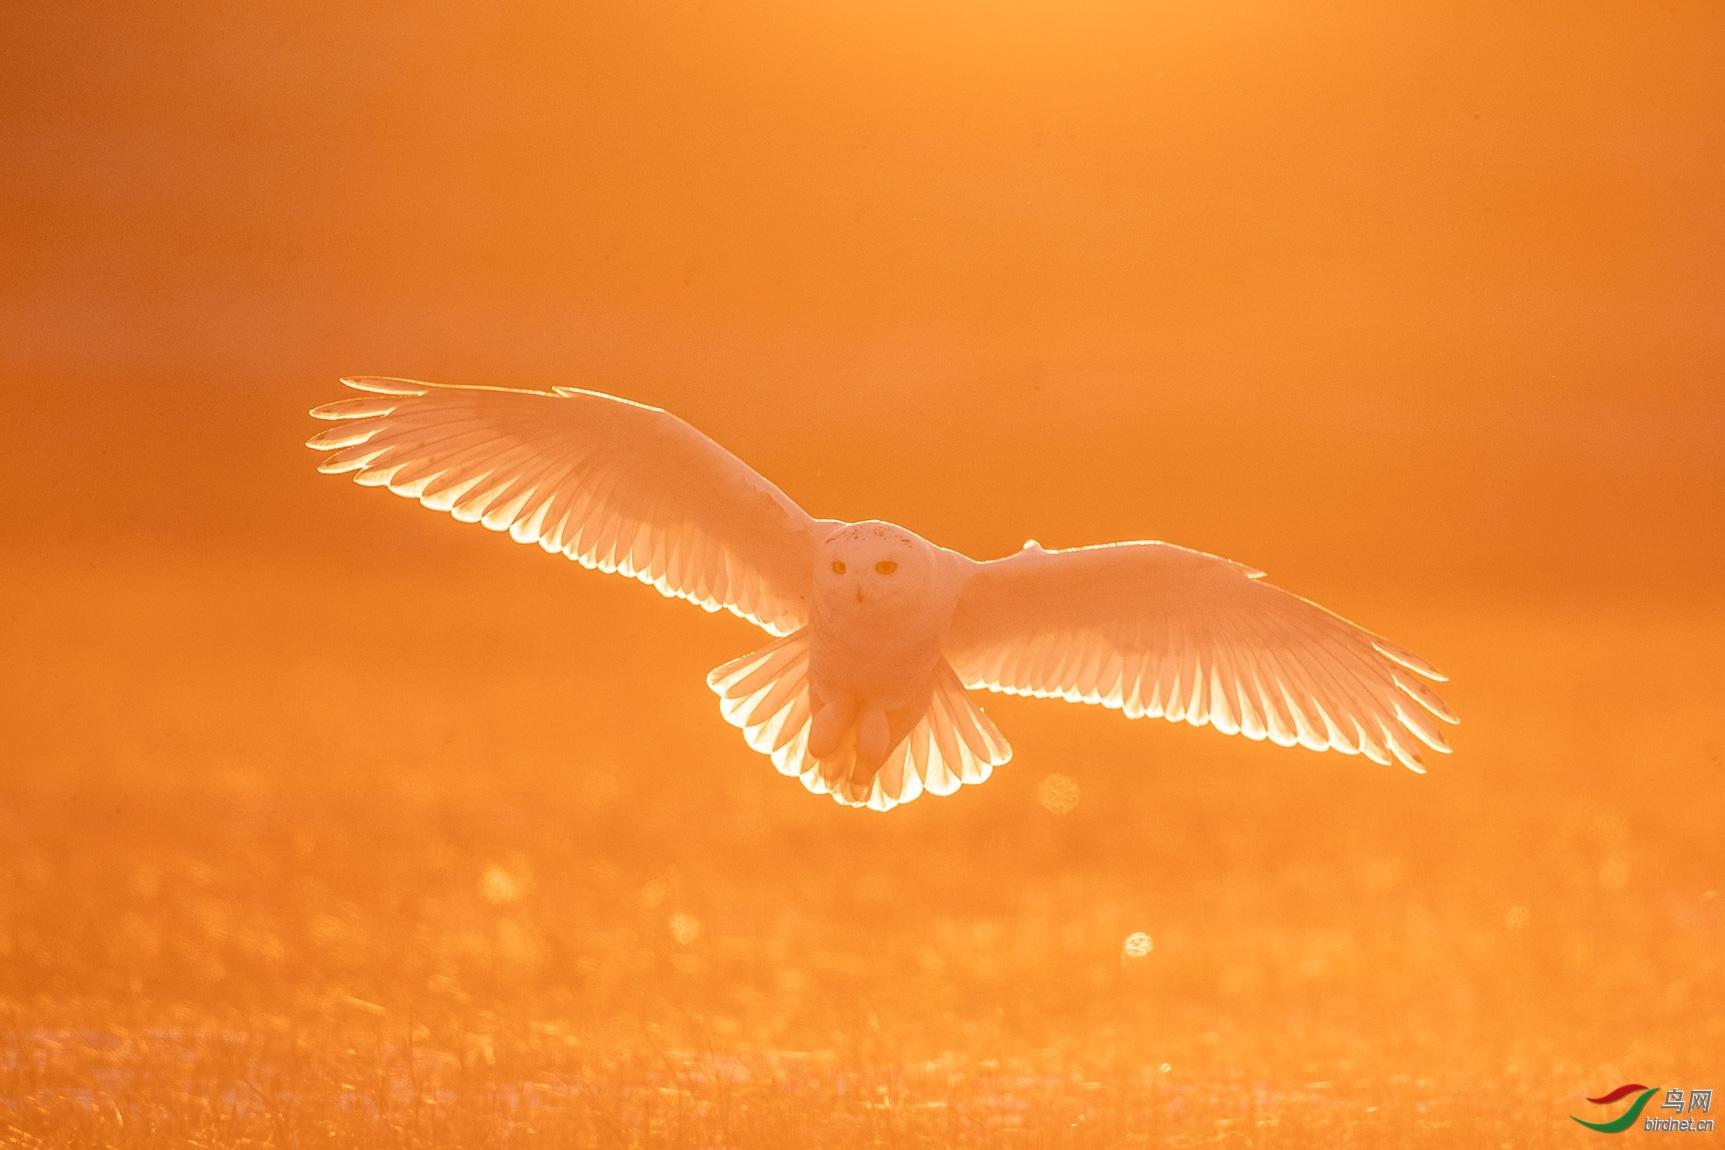 国庆拍鸟20202539.逆光.jpg